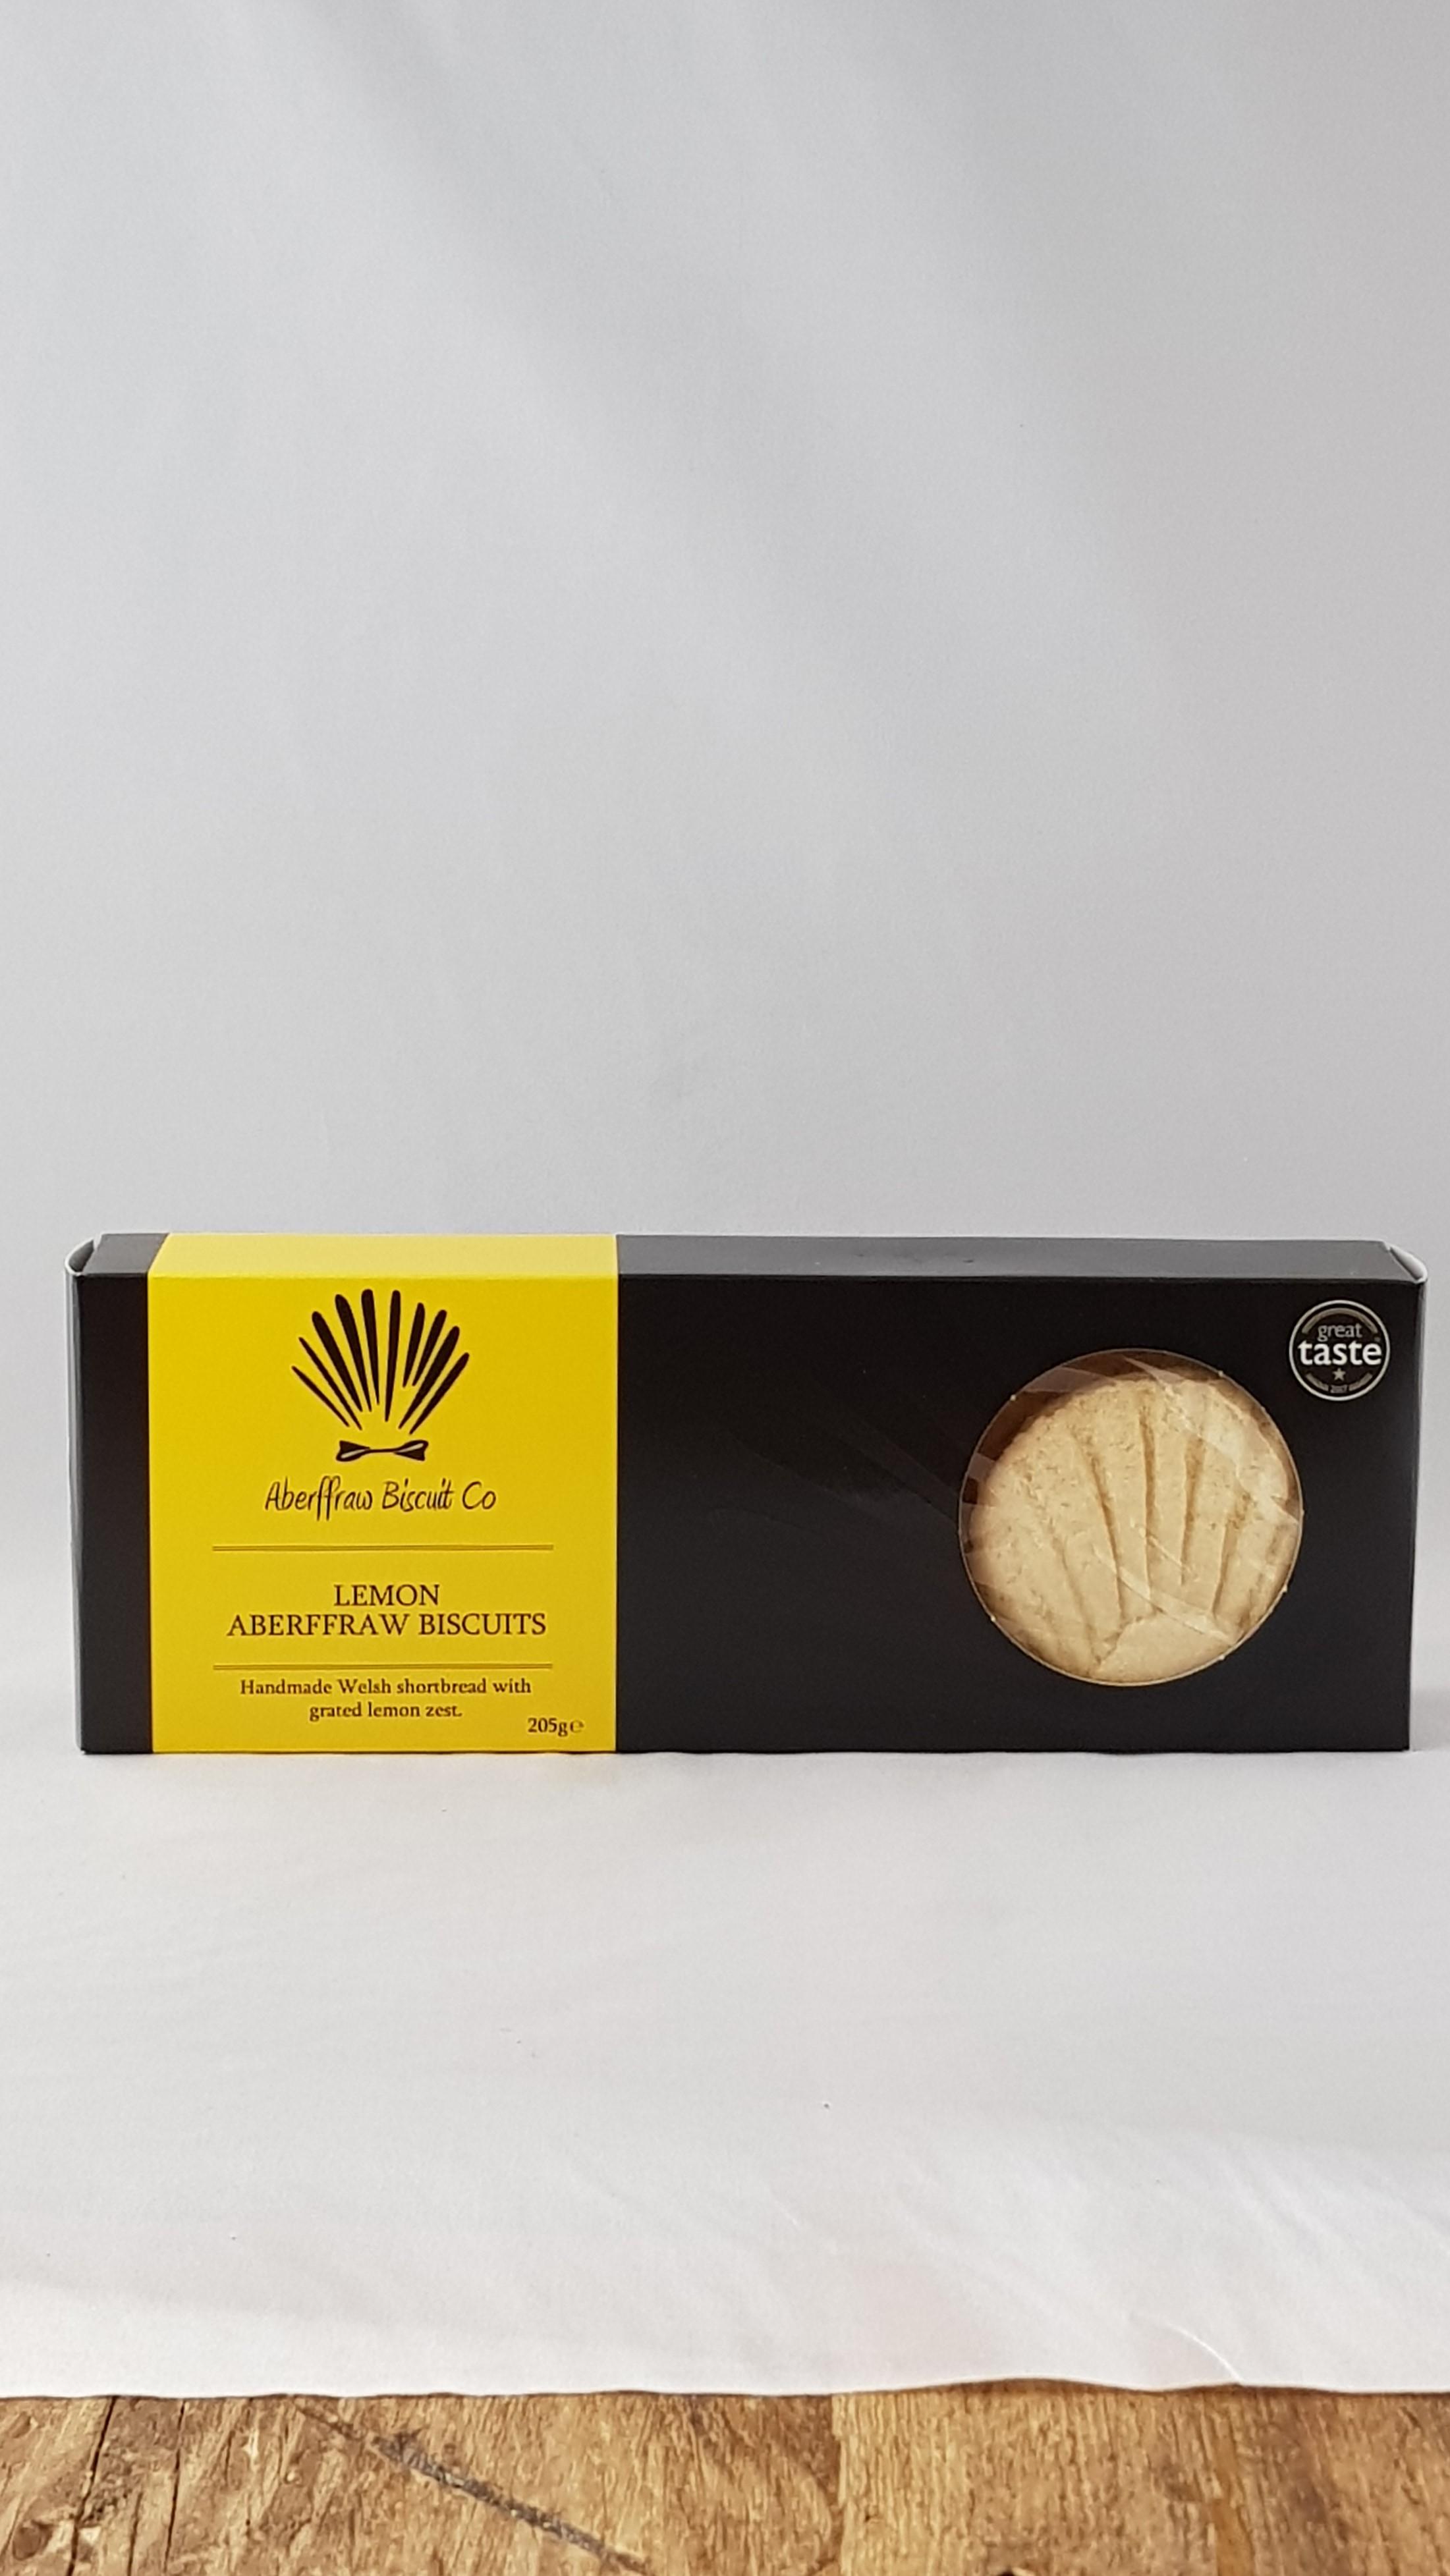 Aberffraw Lemon Biscuits